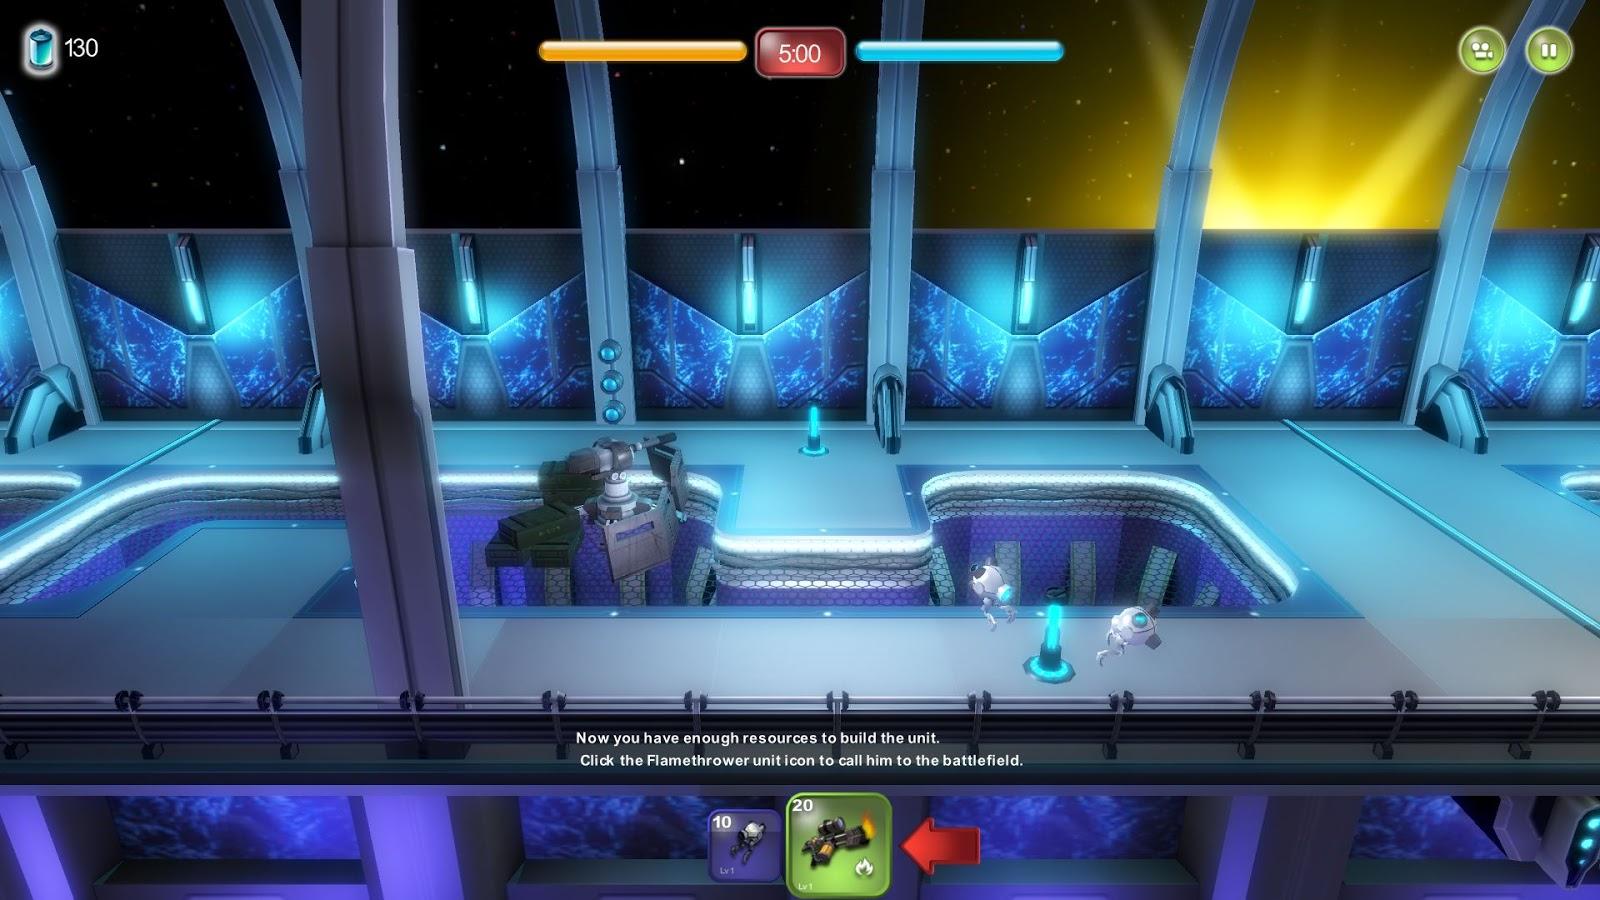 Alien-Hallway-Screenshot-Gameplay-3